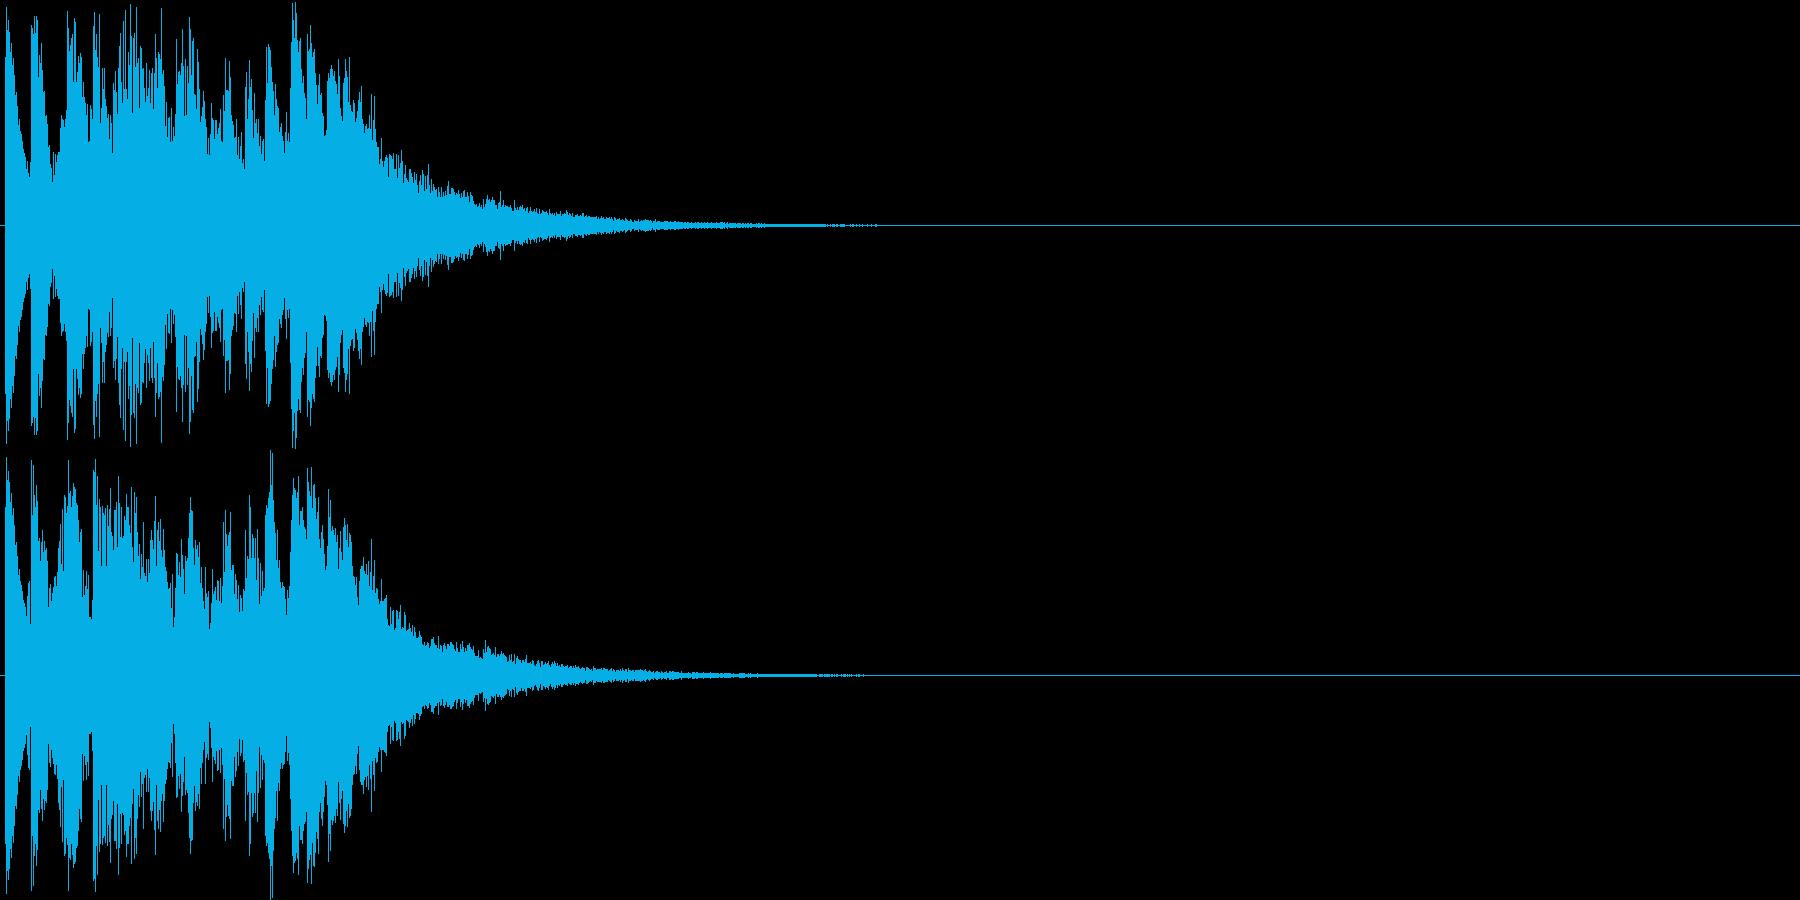 キララララララン(キラキラ系装飾音)の再生済みの波形